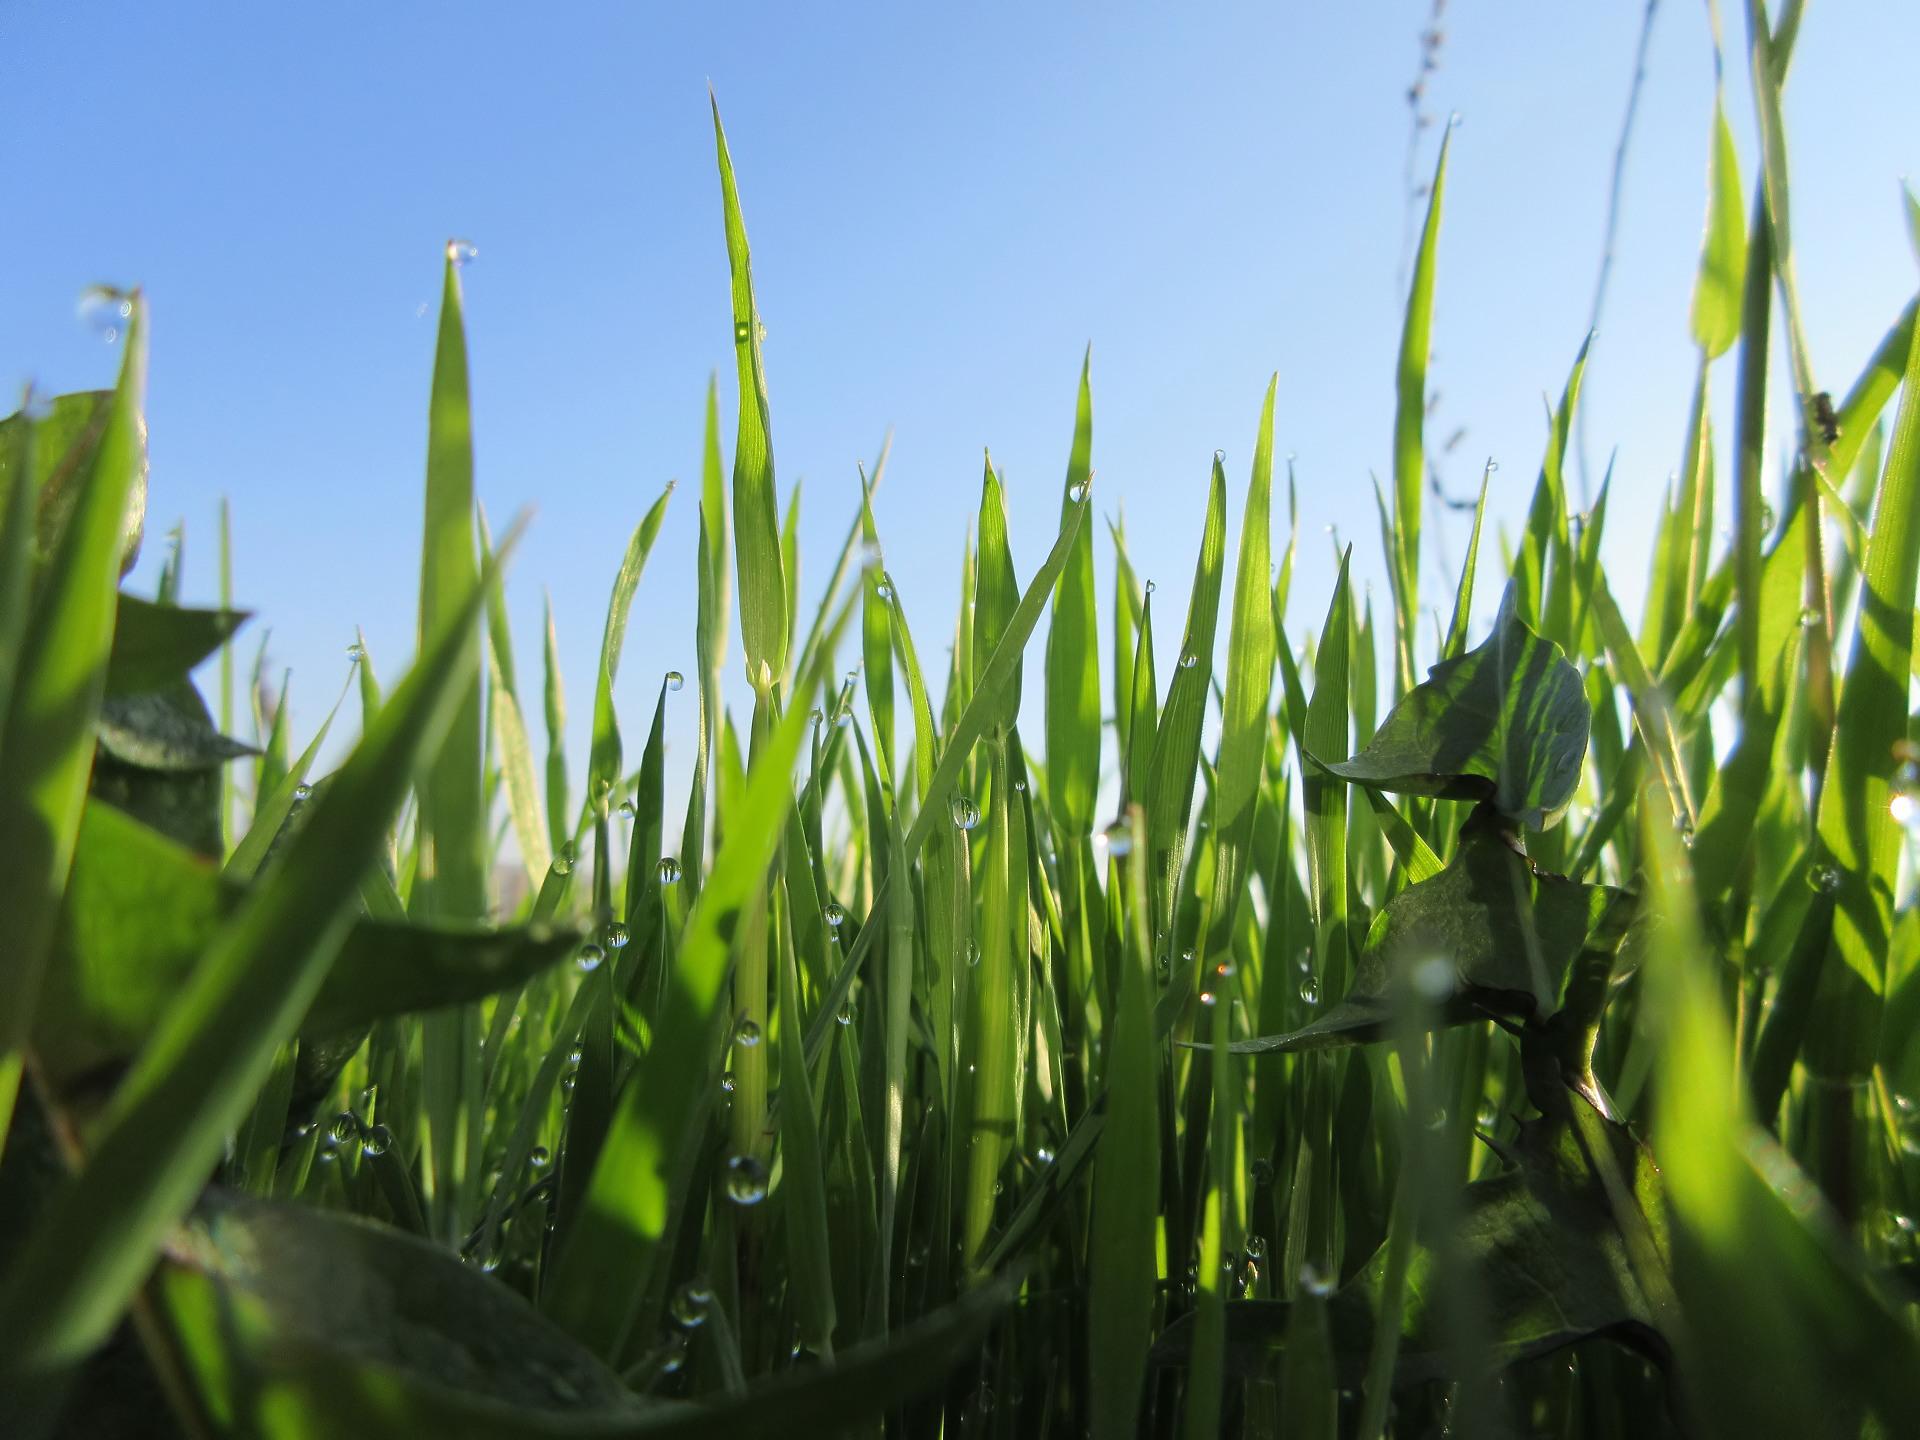 Grass 1920x1440